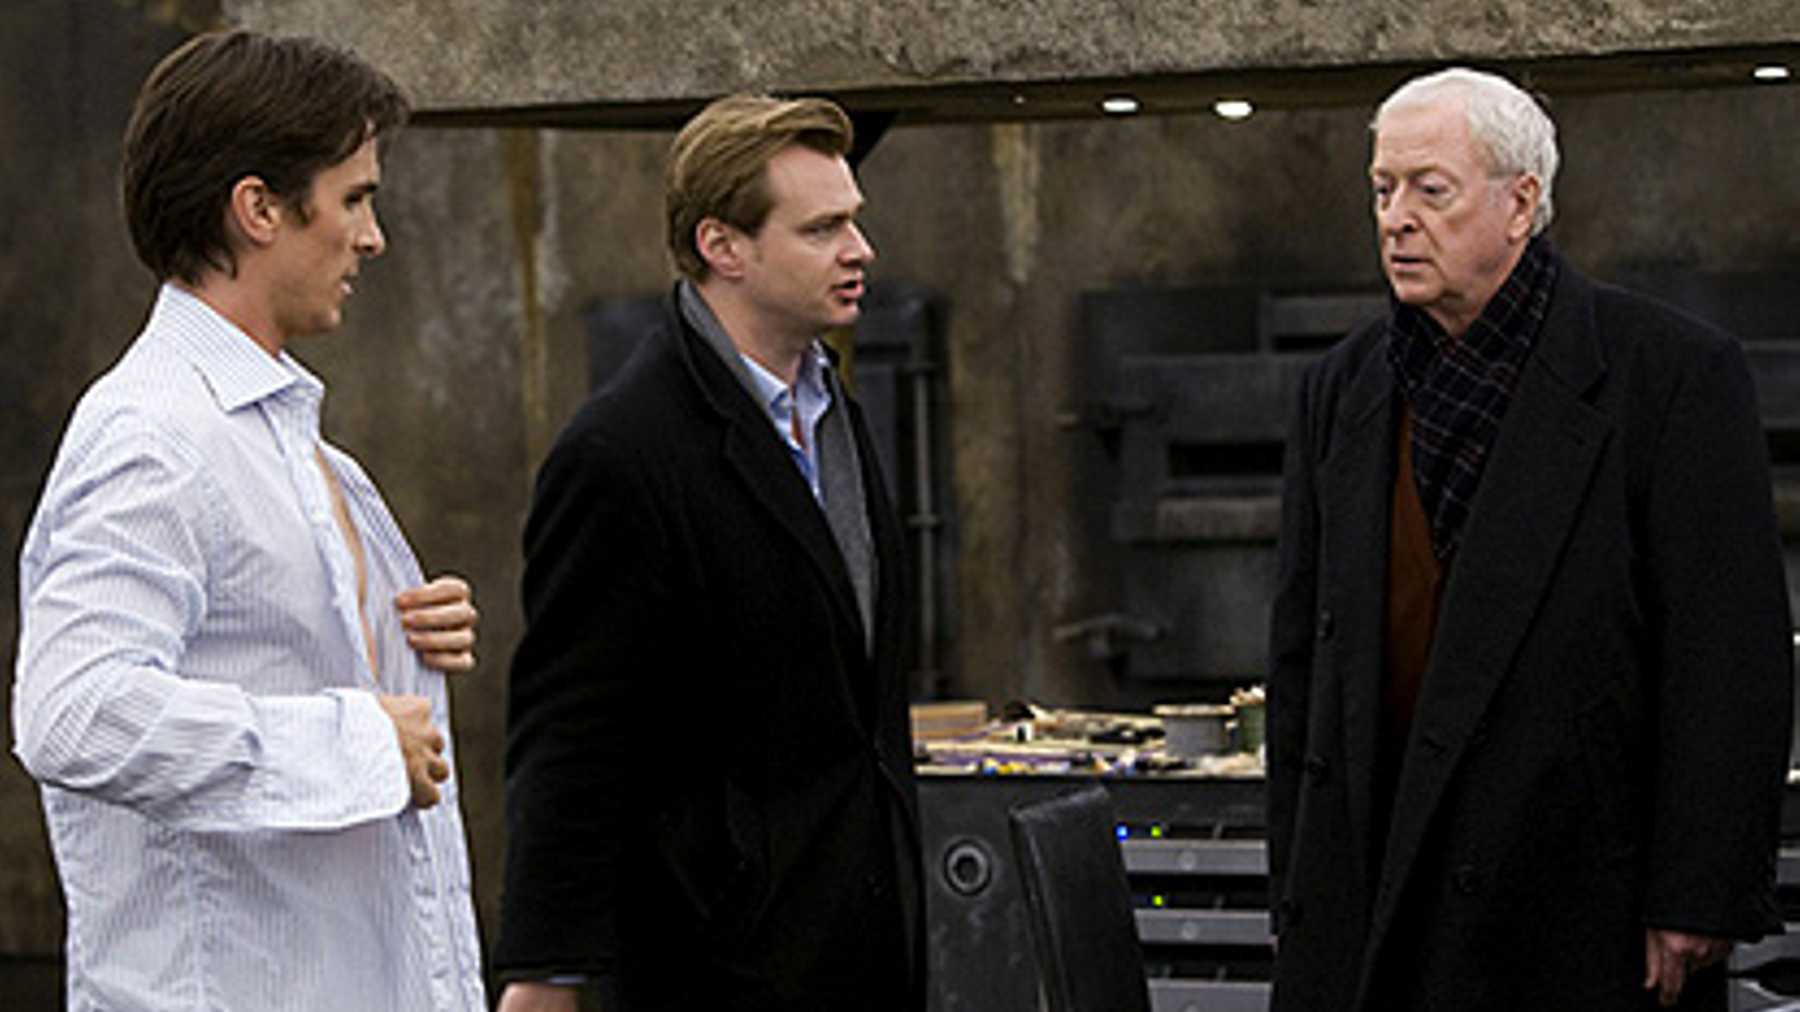 Michael Caine, Christopher Nolan, tenet, Dark Knight, cinematown.it